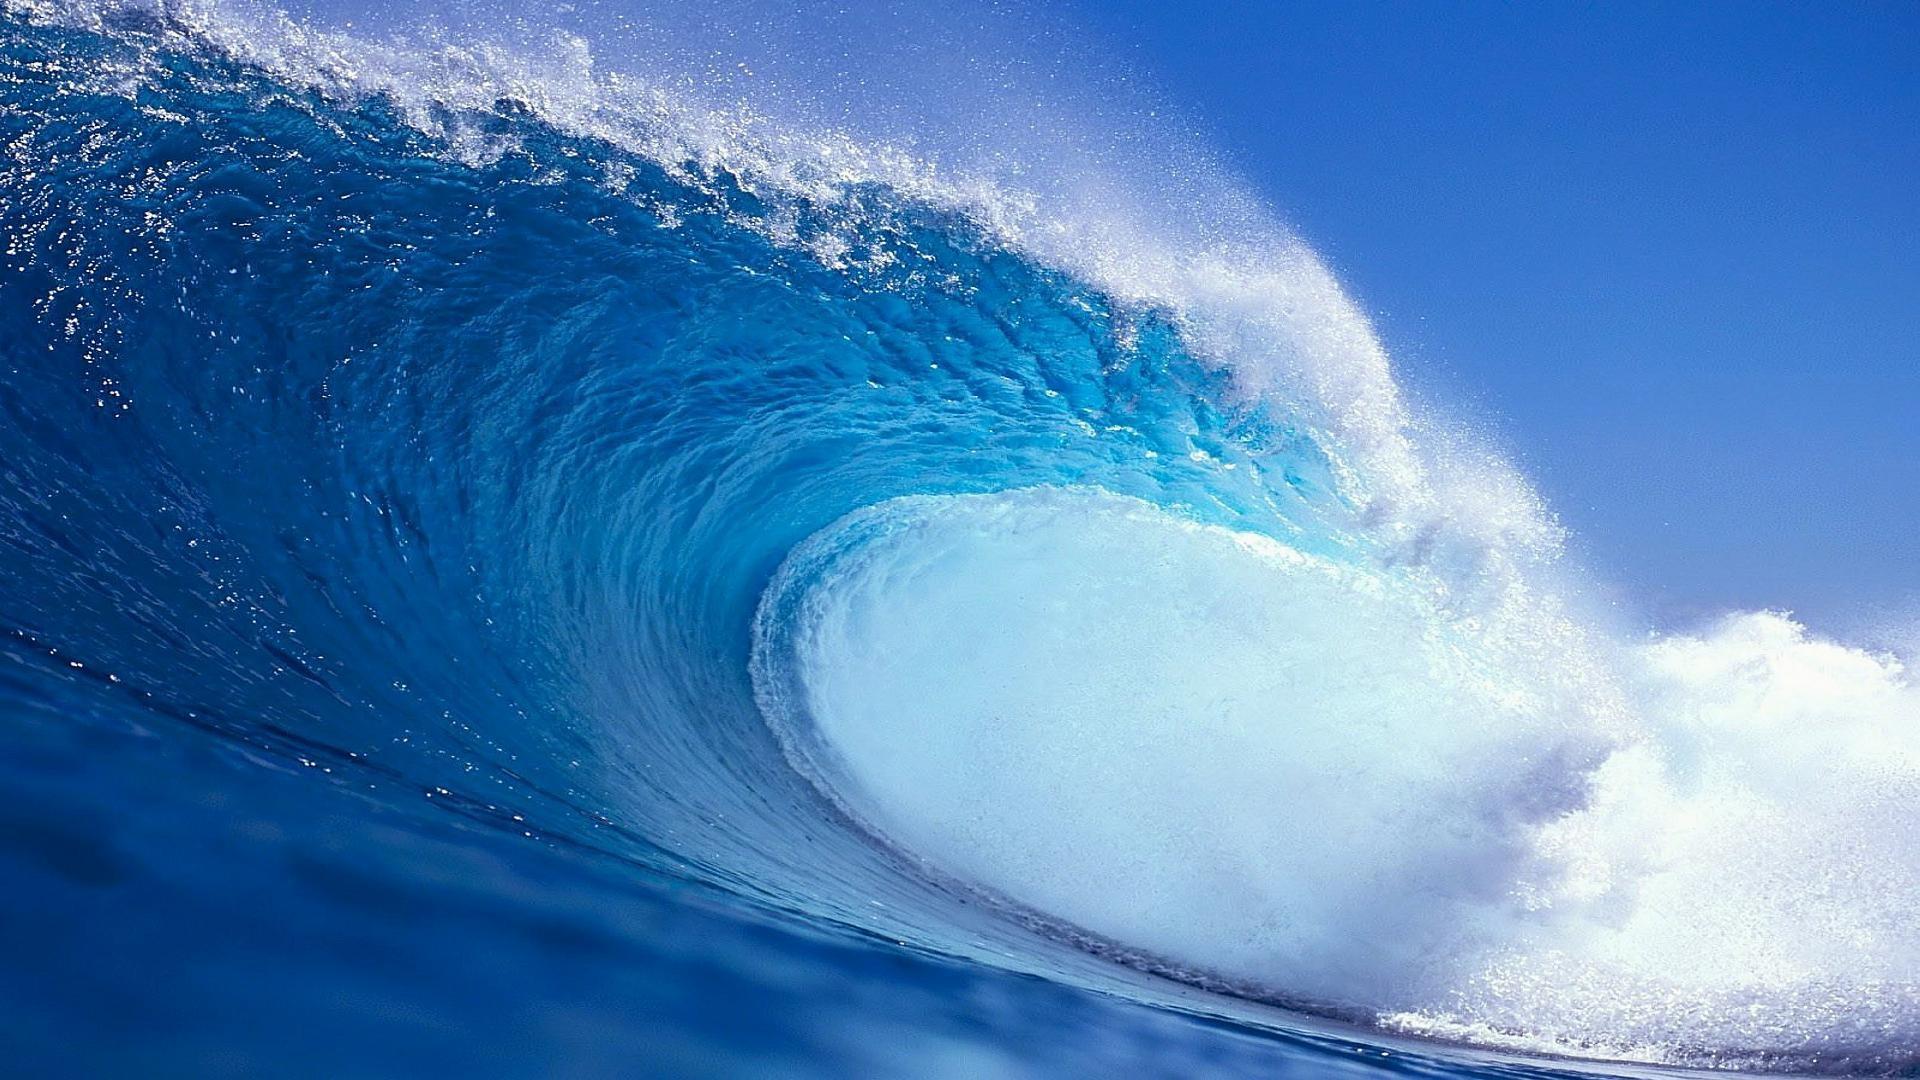 Wave-surf-sea-ocean-wallpapers-HD